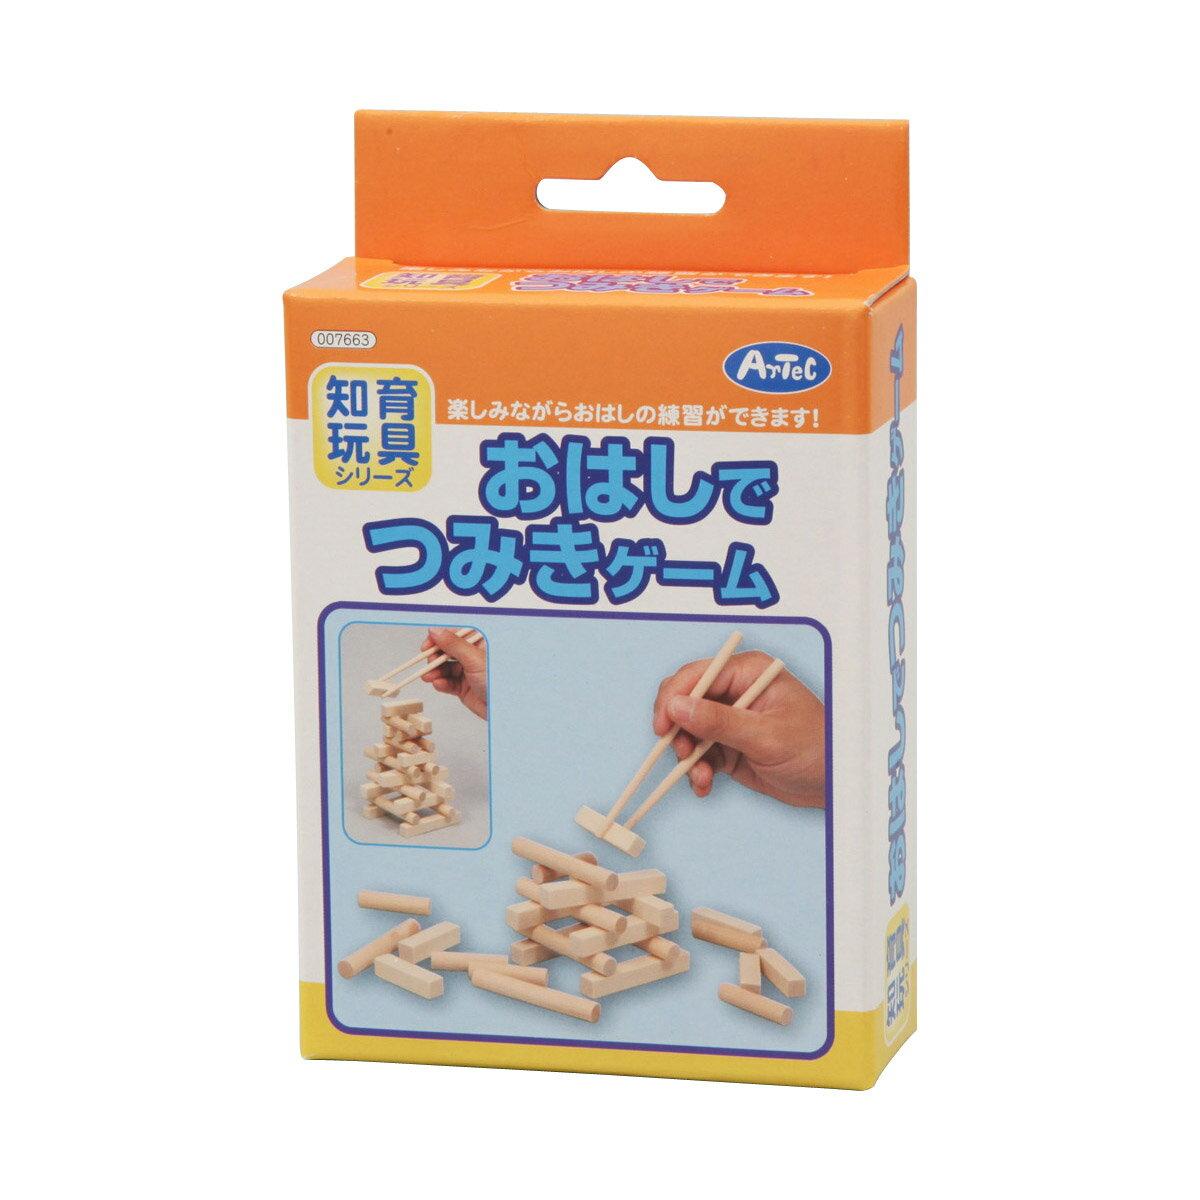 ゲーム つみき おはしで積木ゲーム 木のおもちゃ 木製玩具 バランスゲーム お箸 知育玩具 4歳 5歳 6歳 7歳